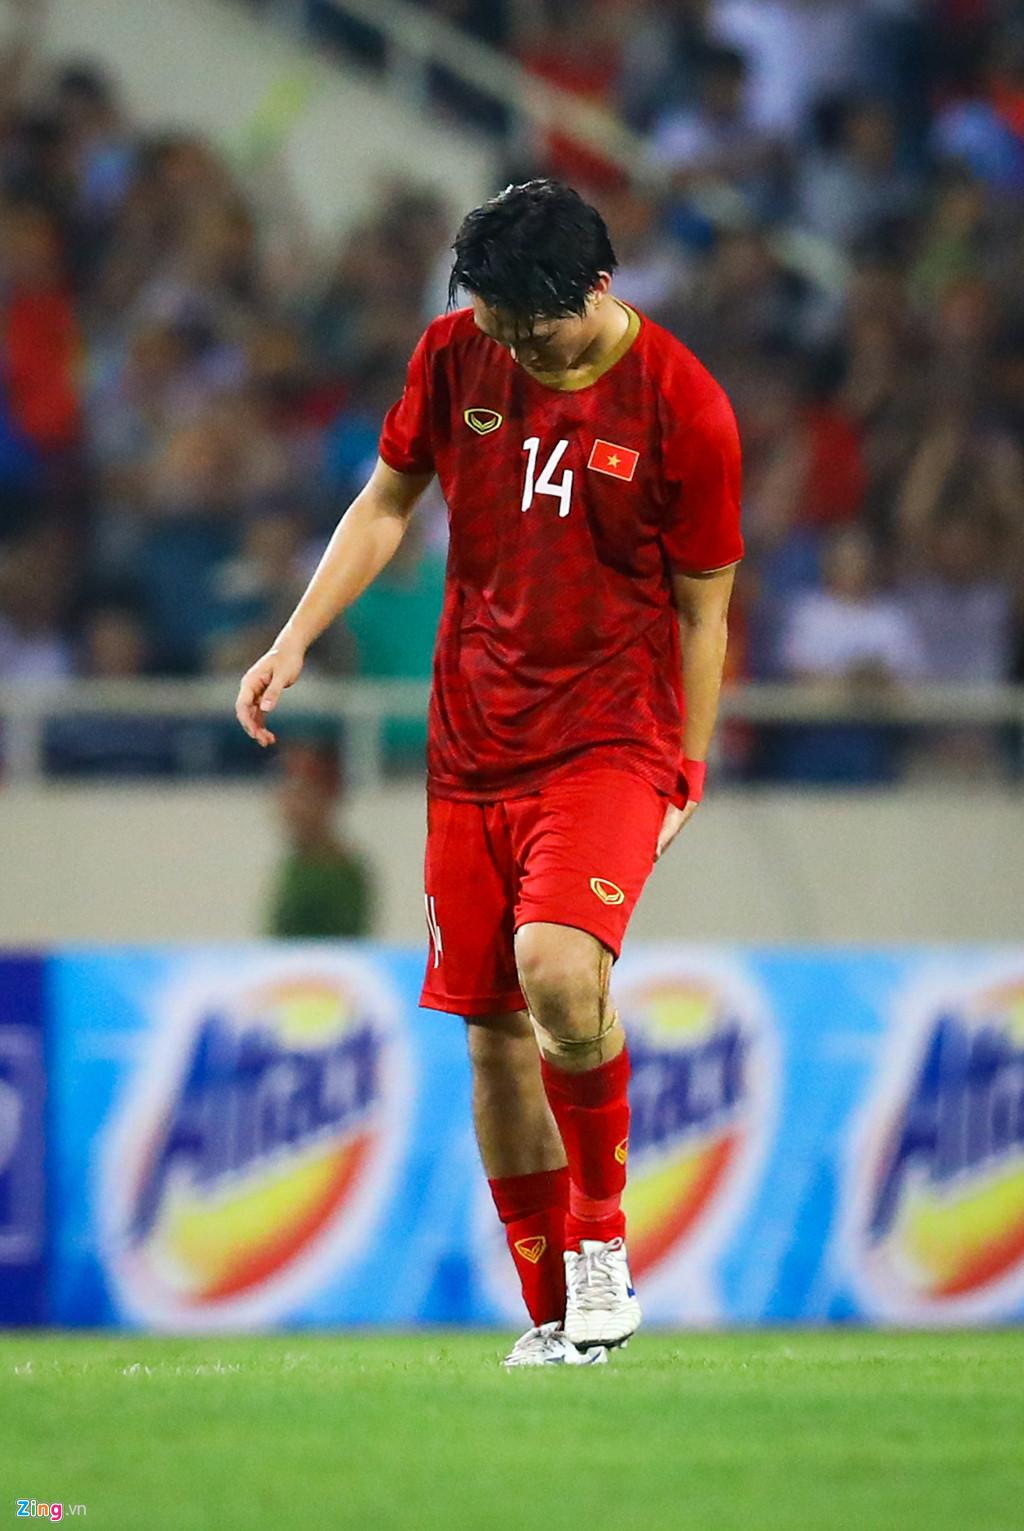 Tuấn Anh nén đau khi cả đội mừng Quang Hải ghi bàn-5